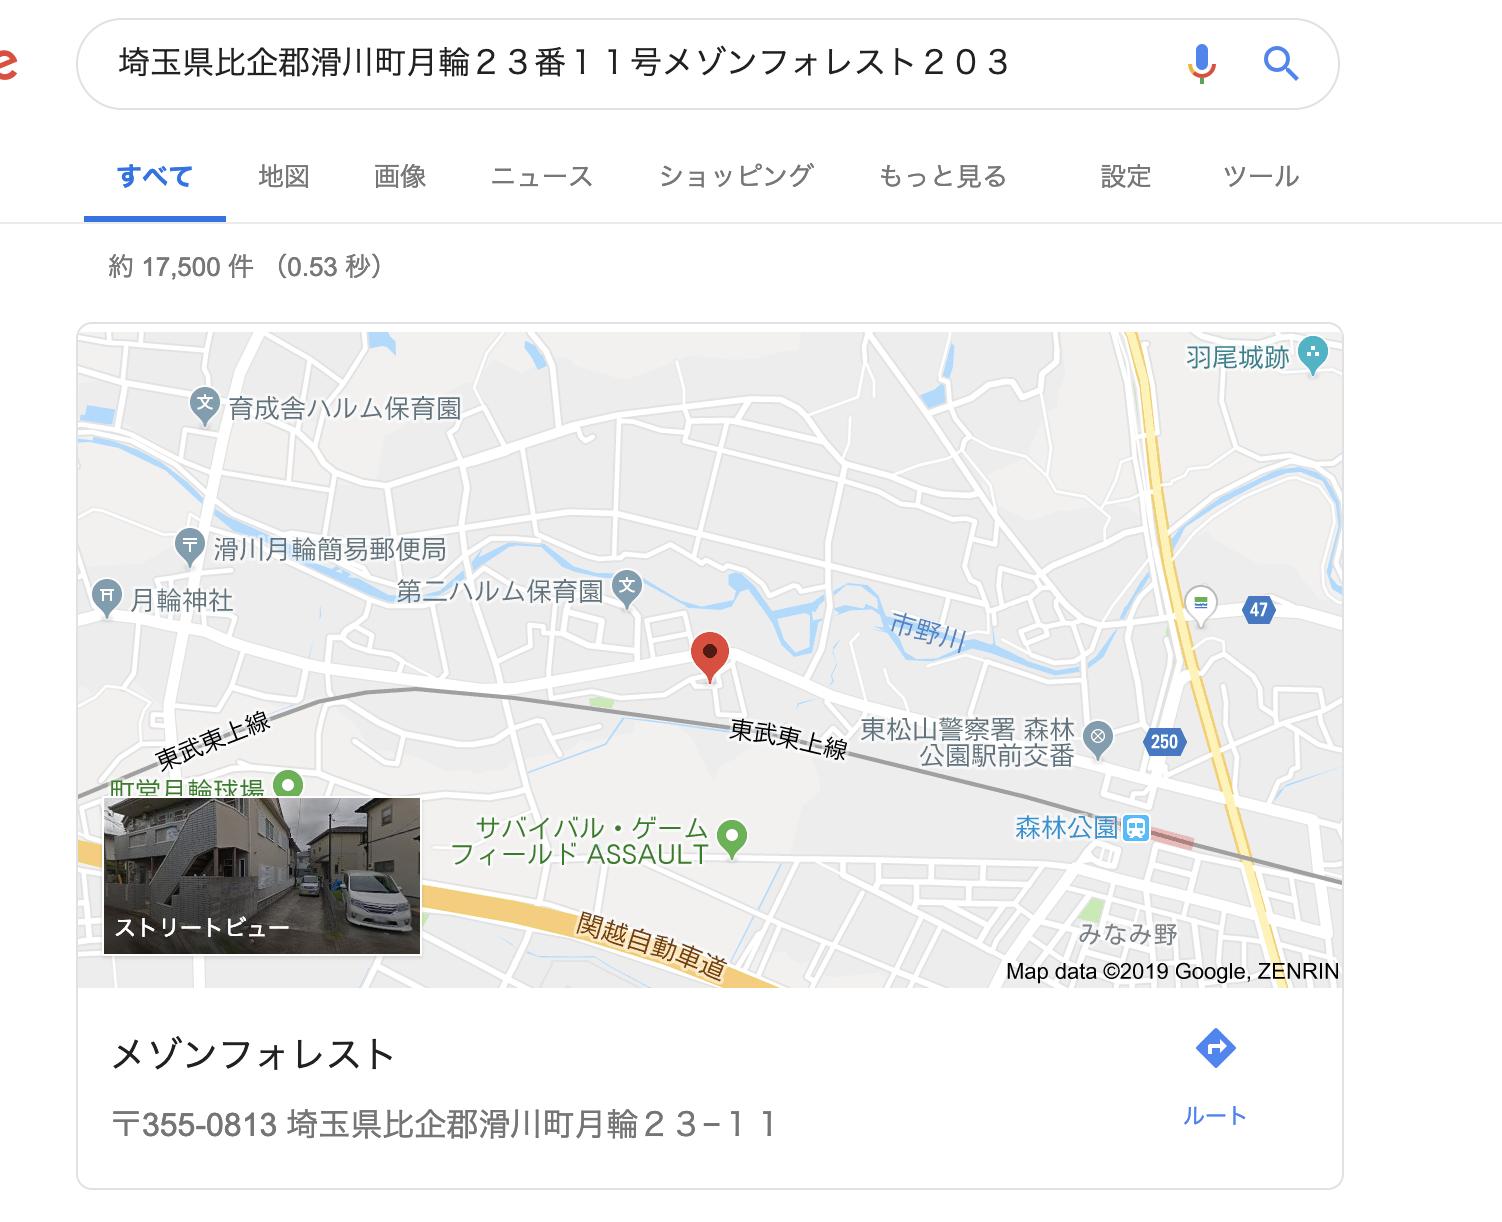 安藤誠のTHE ROYAL(ロイヤル)住所